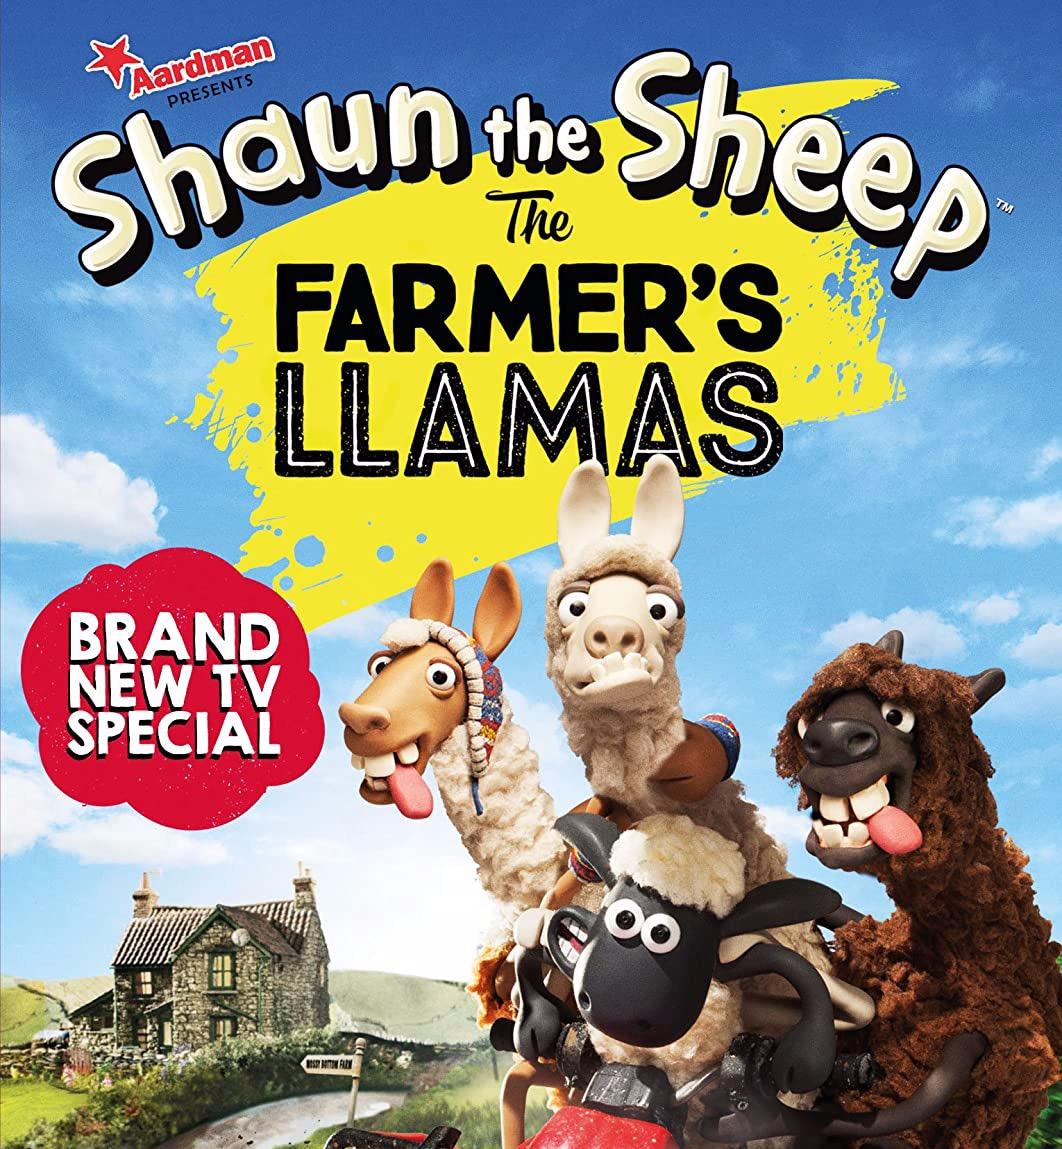 Farmers_llamas_edited